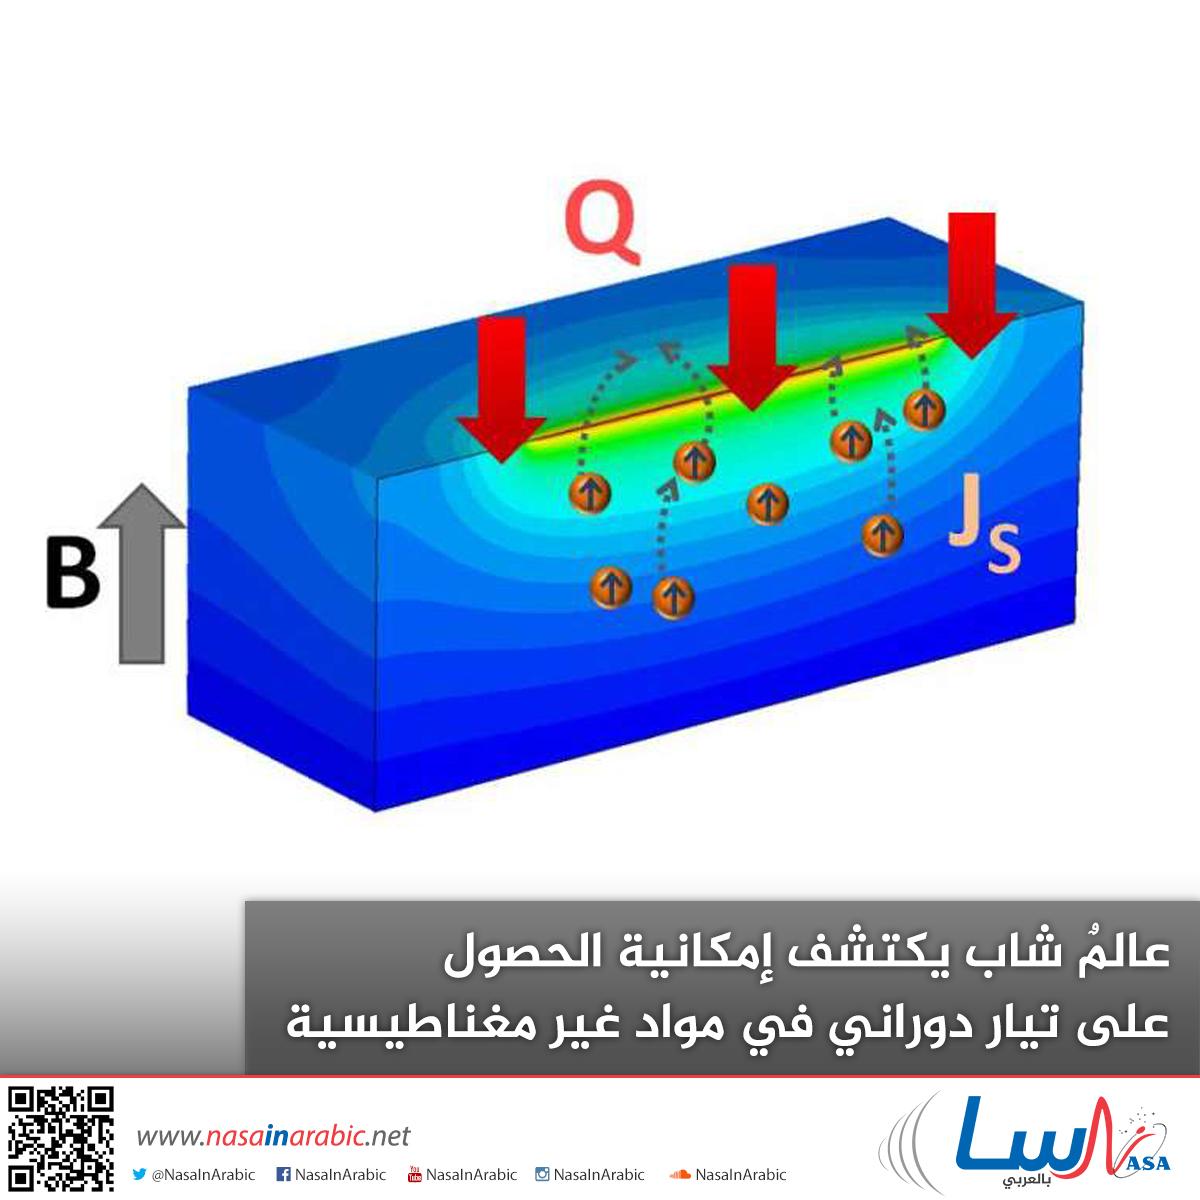 عالمٌ شاب يكتشف إمكانية الحصول على تيار دوراني في مواد غير مغناطيسية